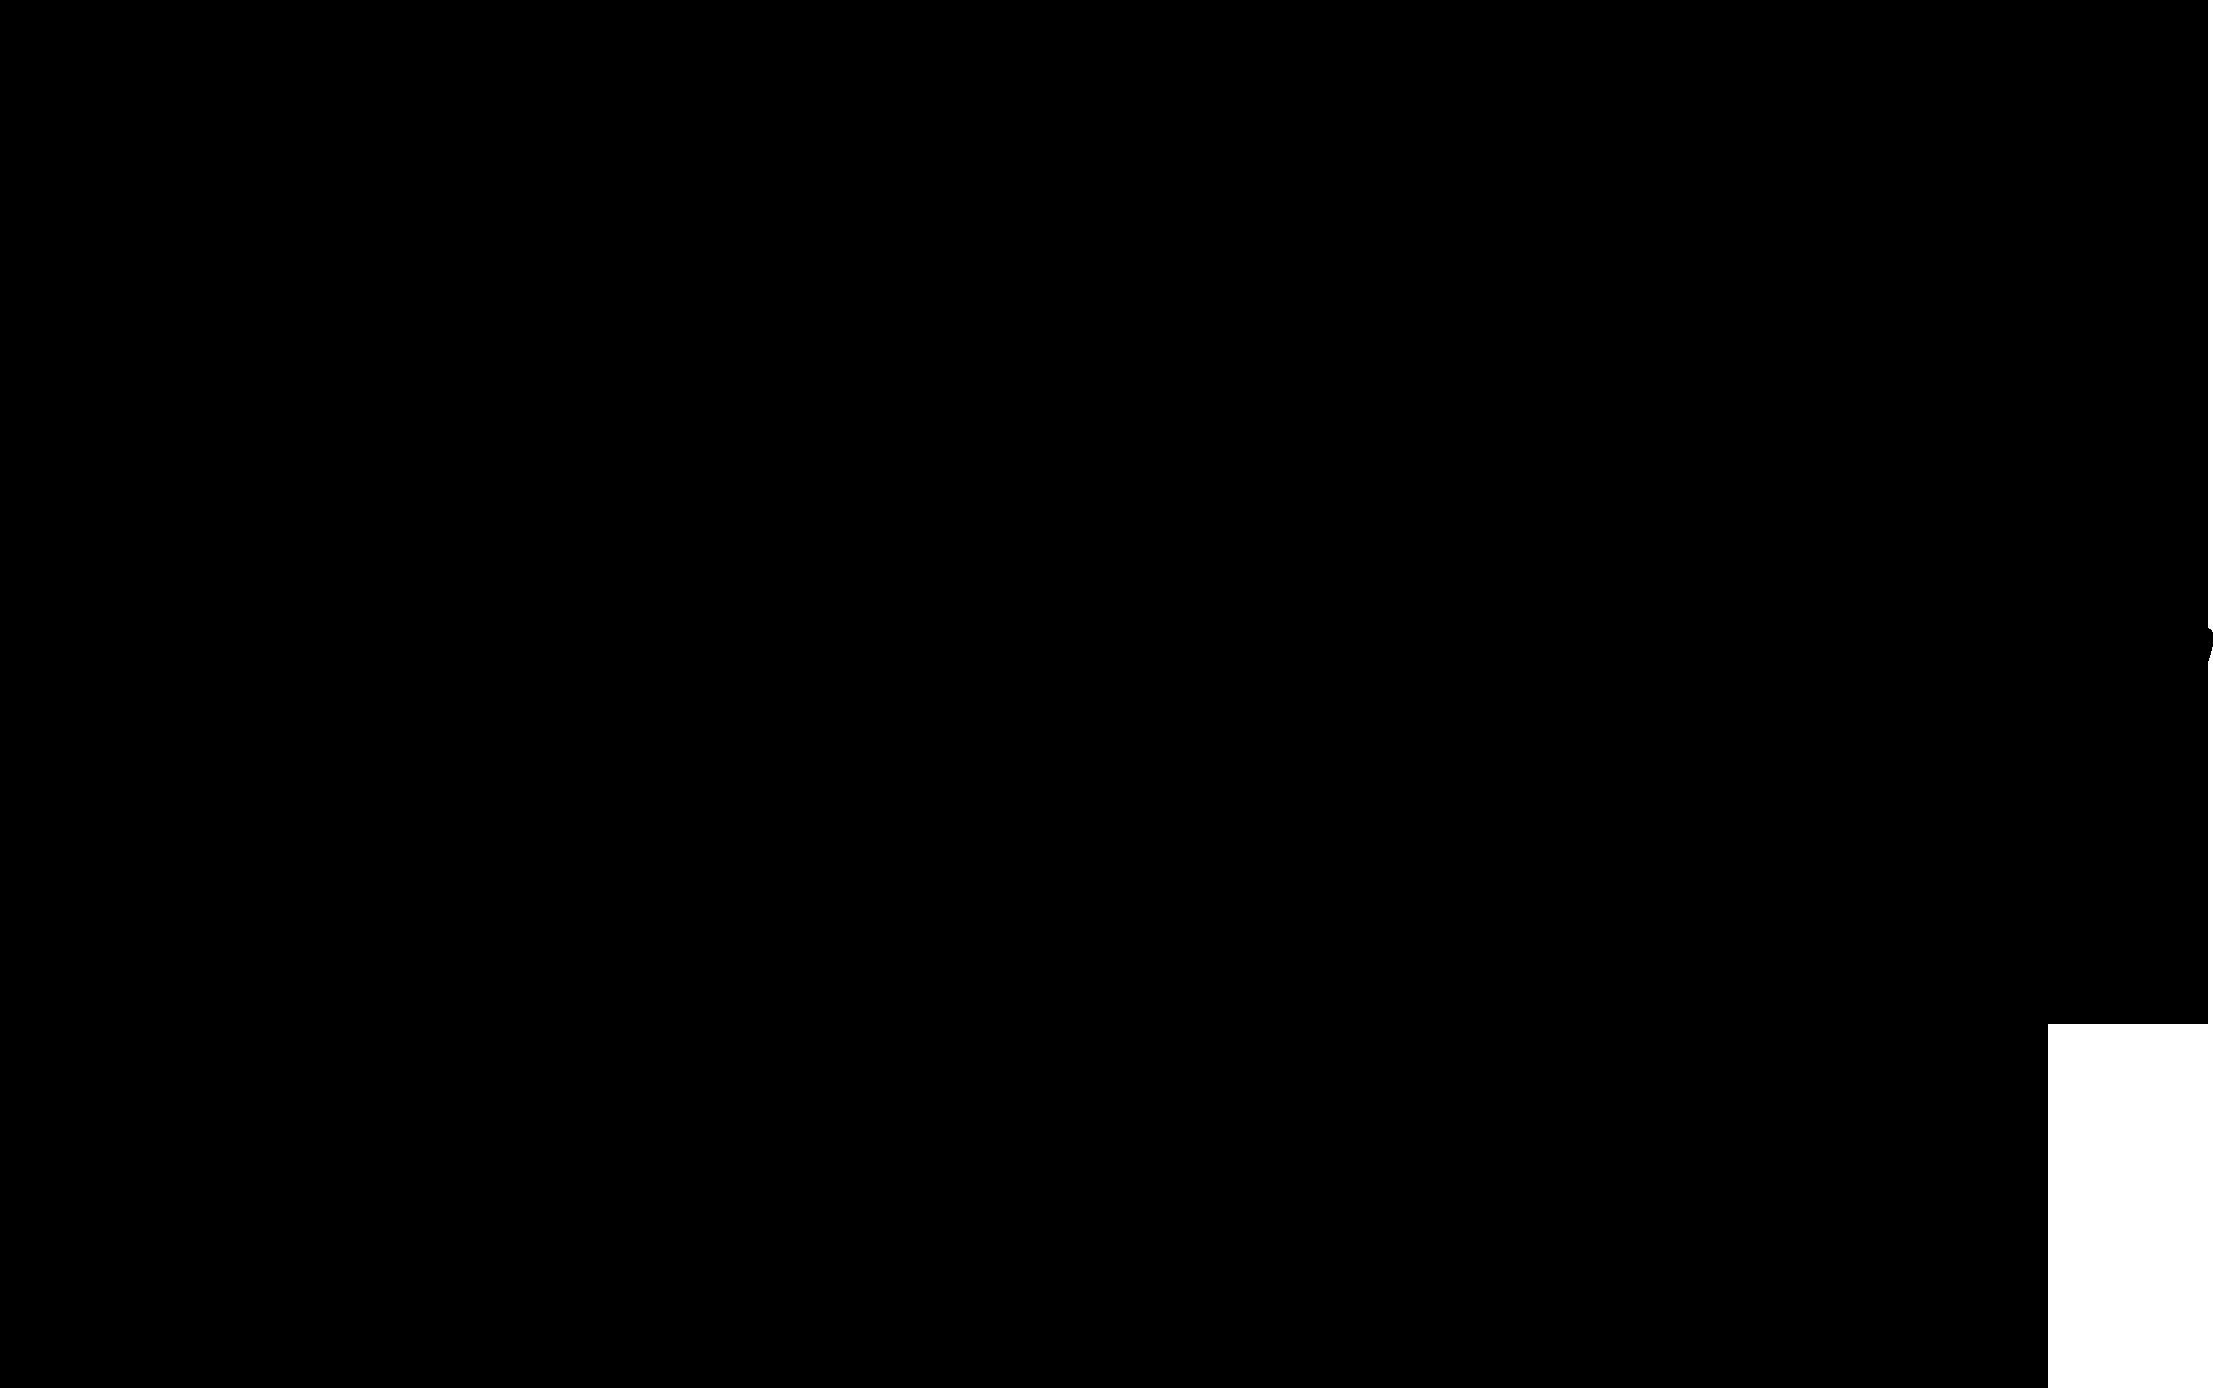 van-snelle-logo